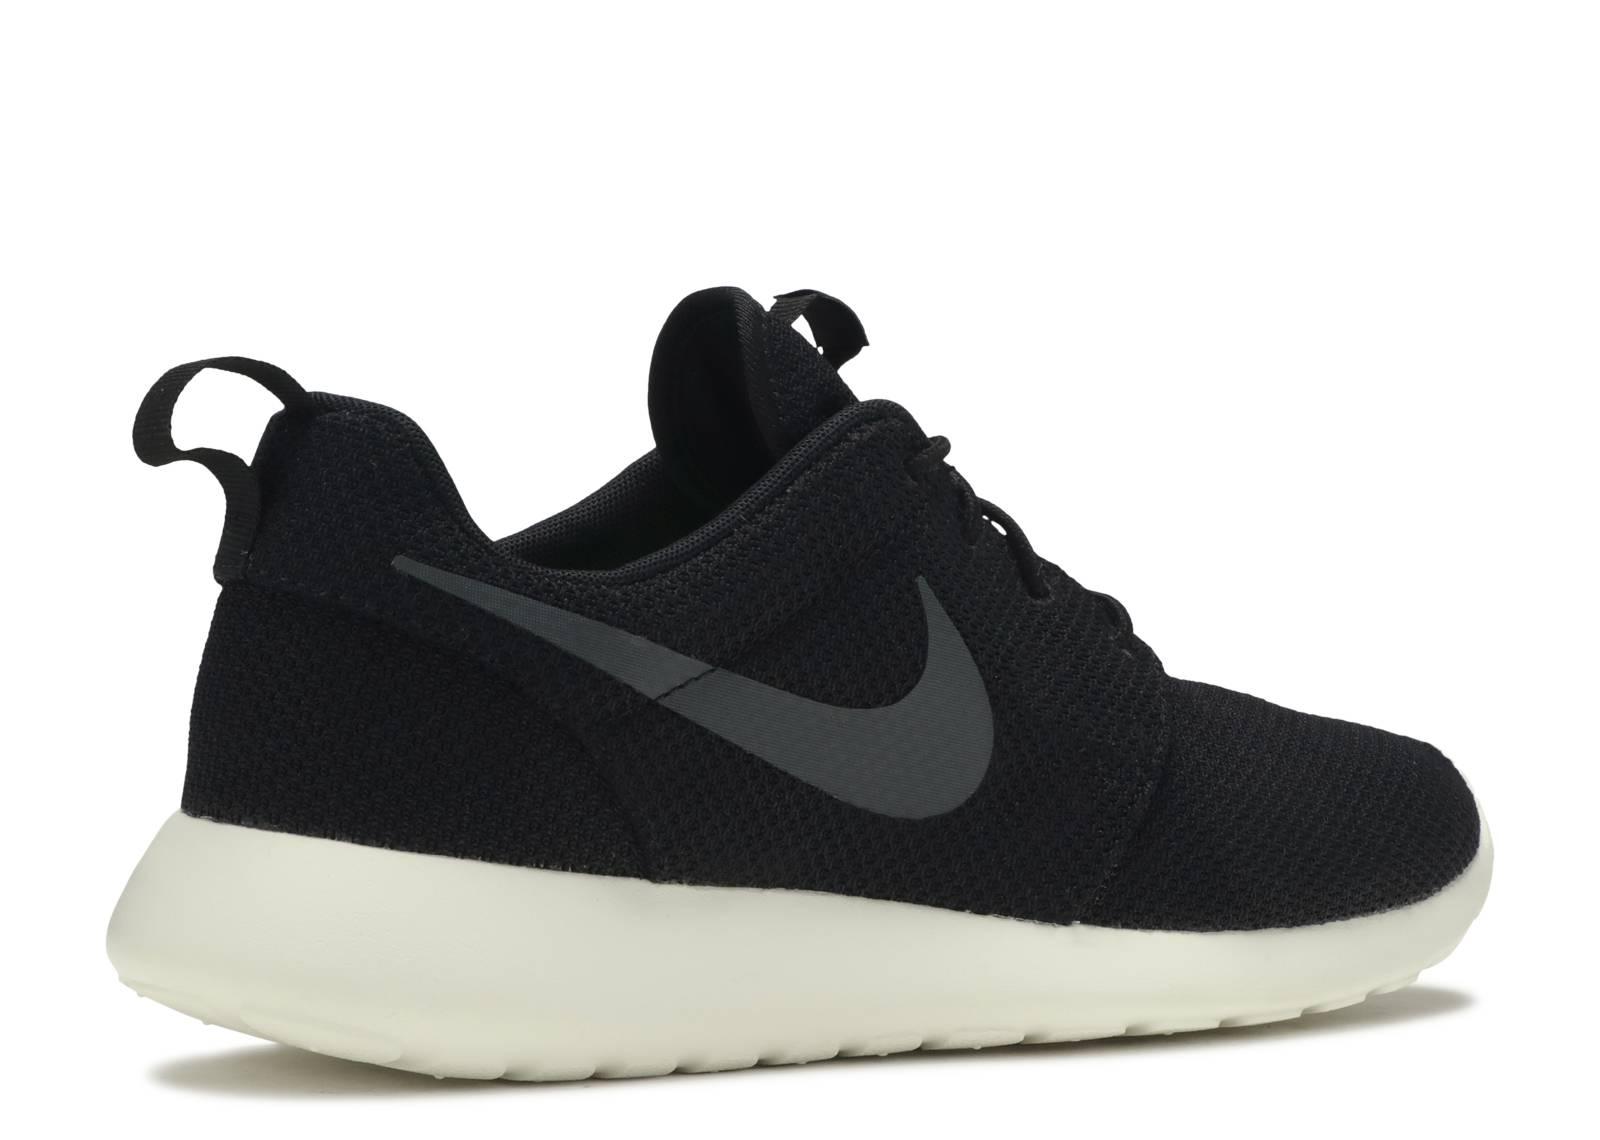 beb69c5ede43 Rosherun - Nike - 511881 010 - black anthracite-sail